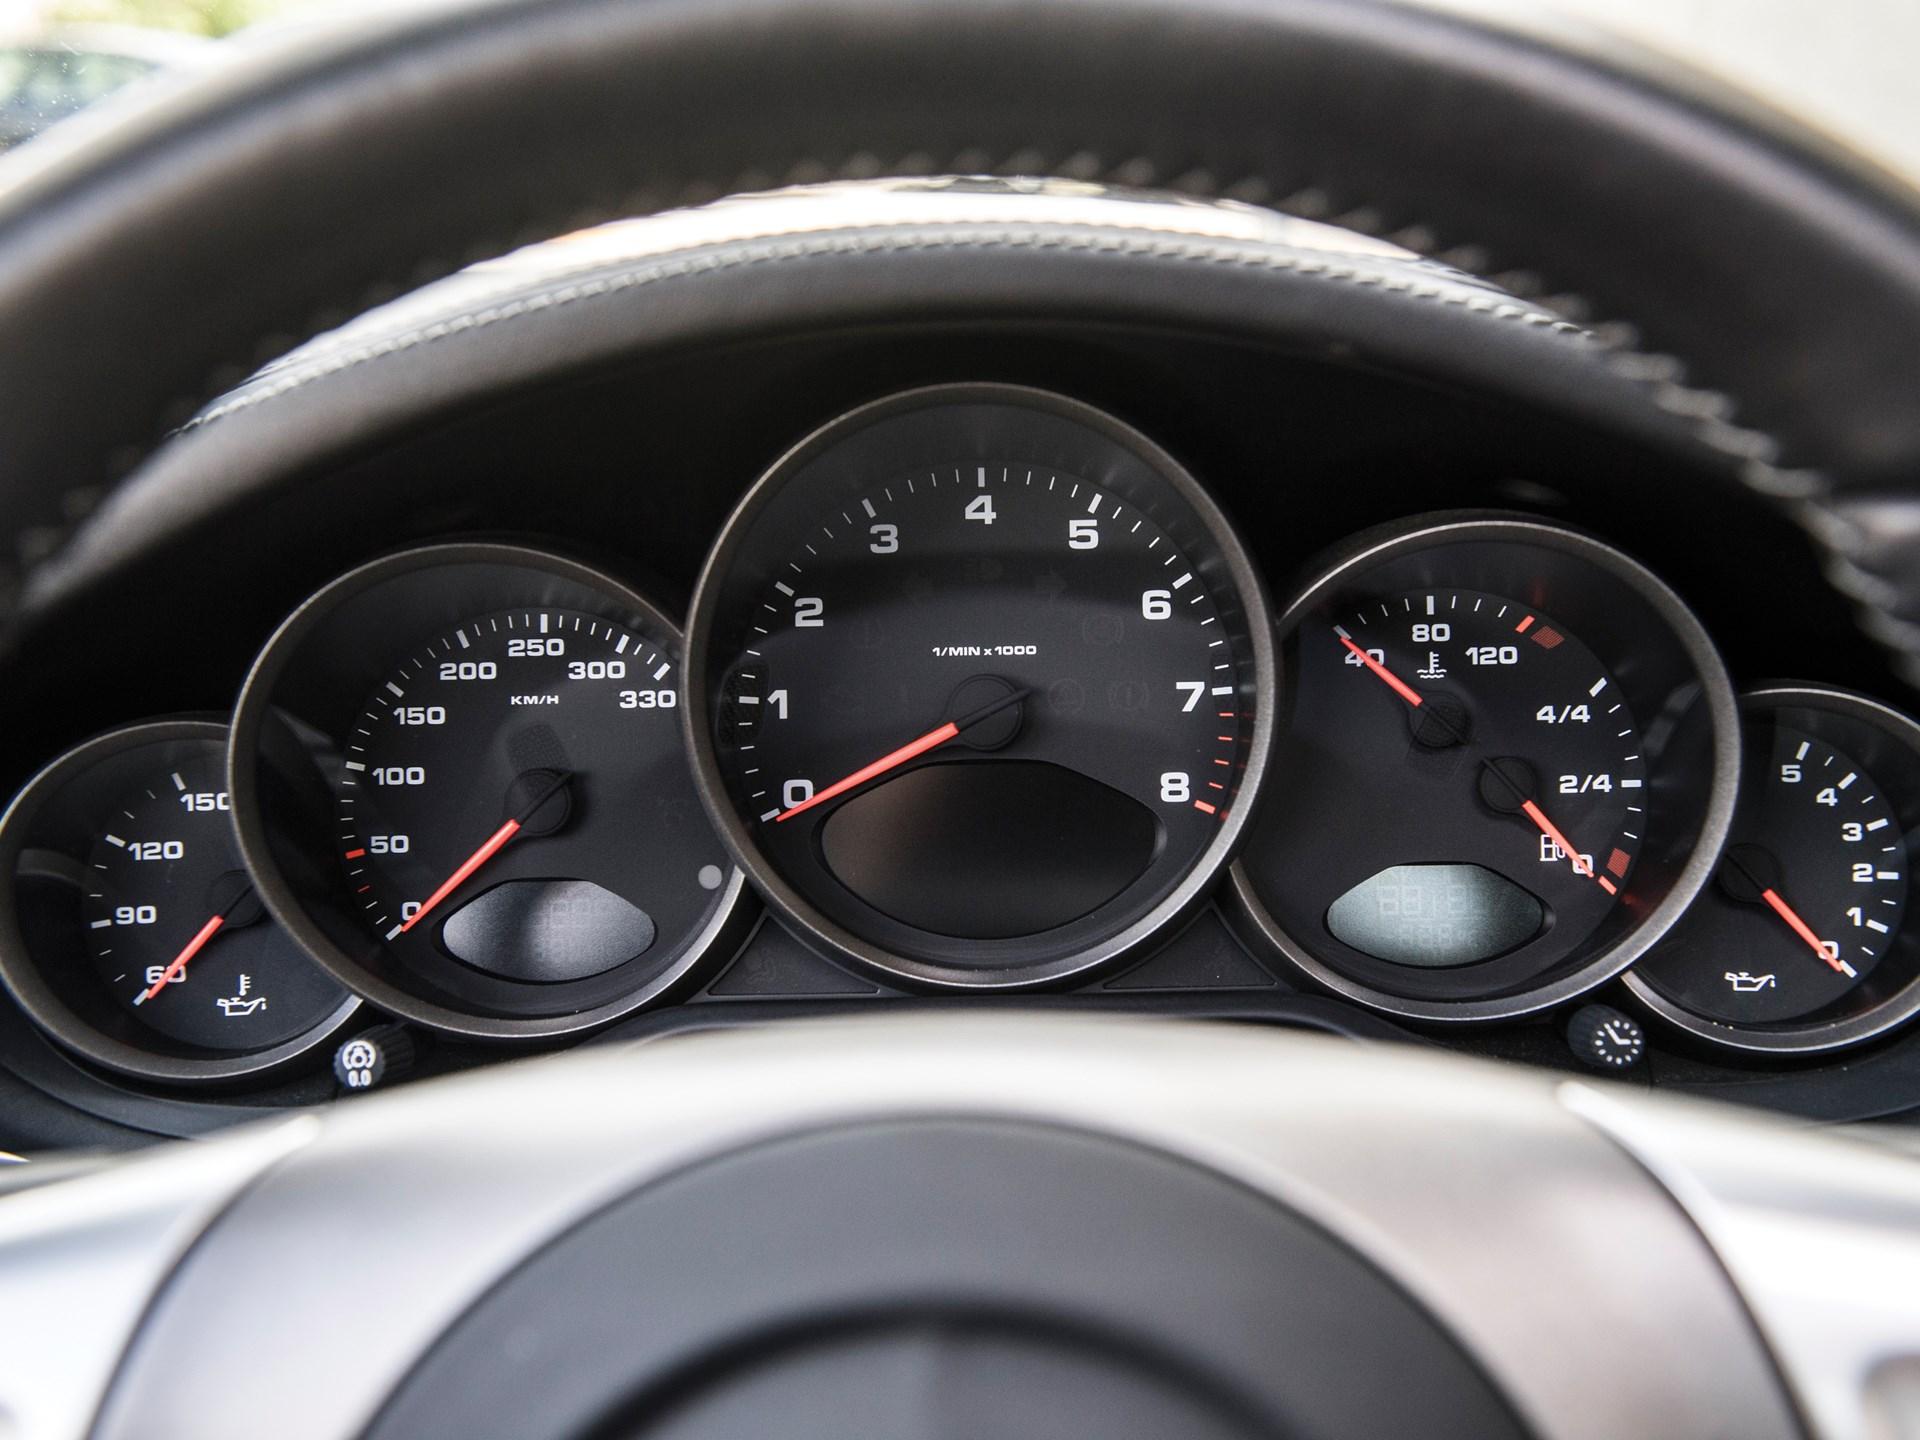 2006 Porsche 911 Carrera S Club Coupe